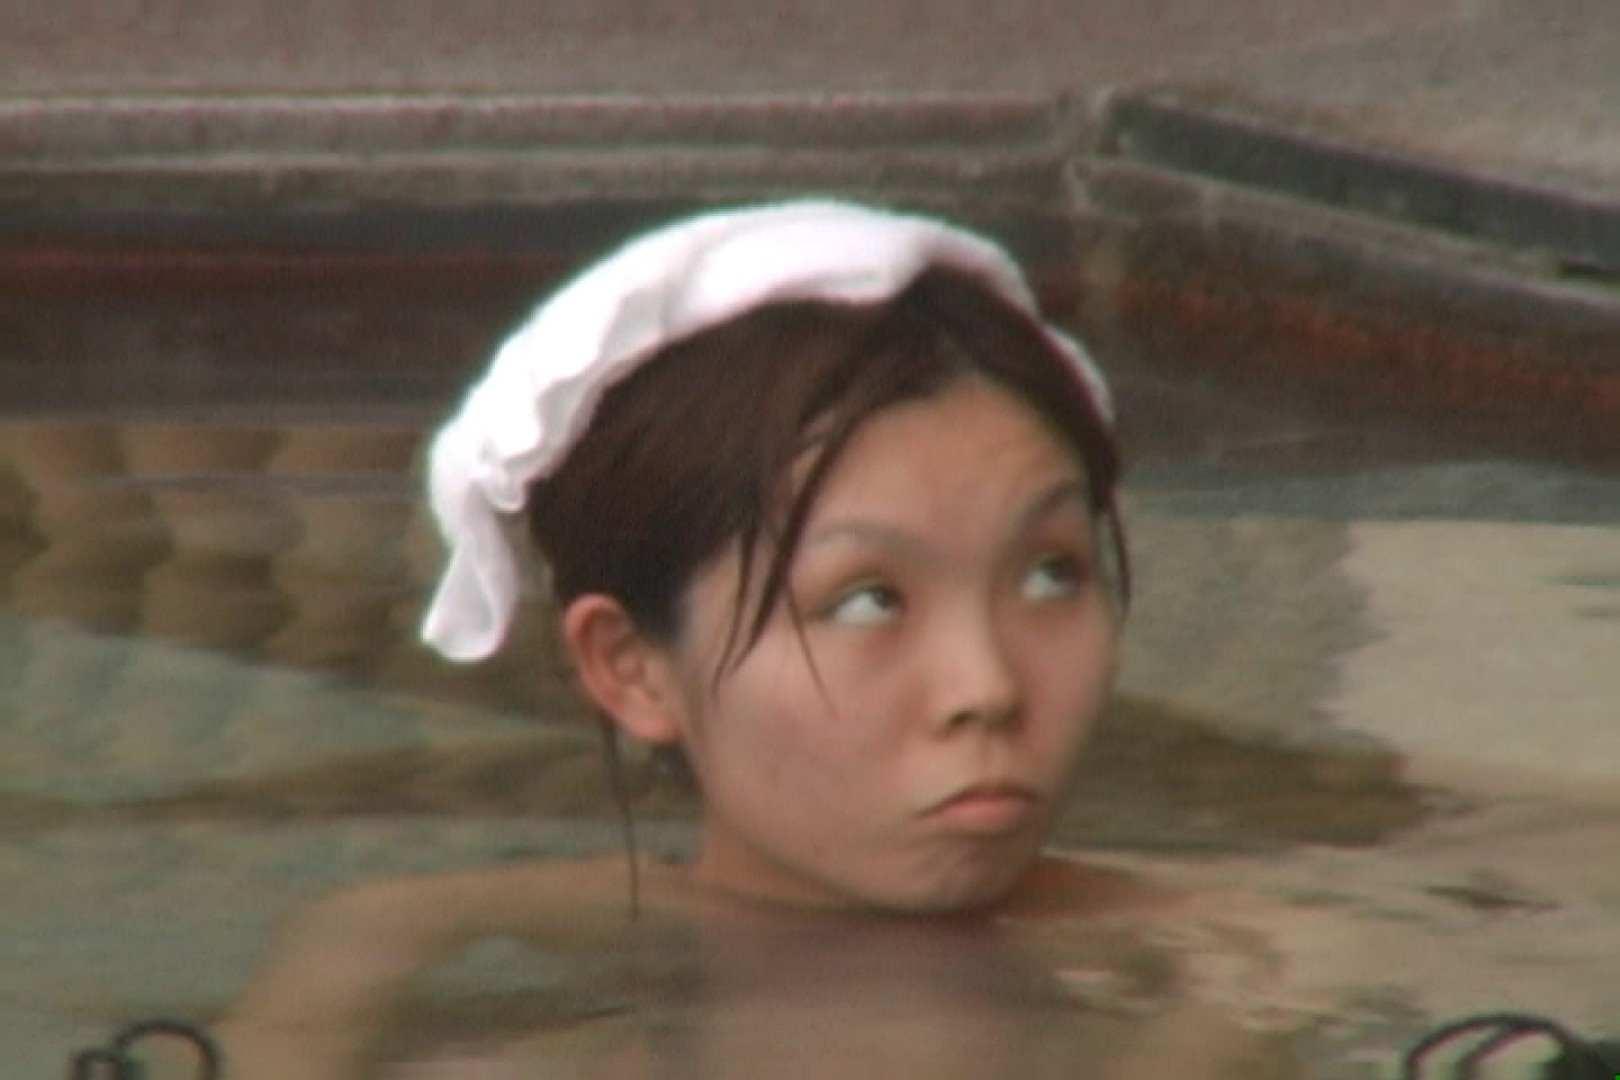 Aquaな露天風呂Vol.580 0   0  103pic 53